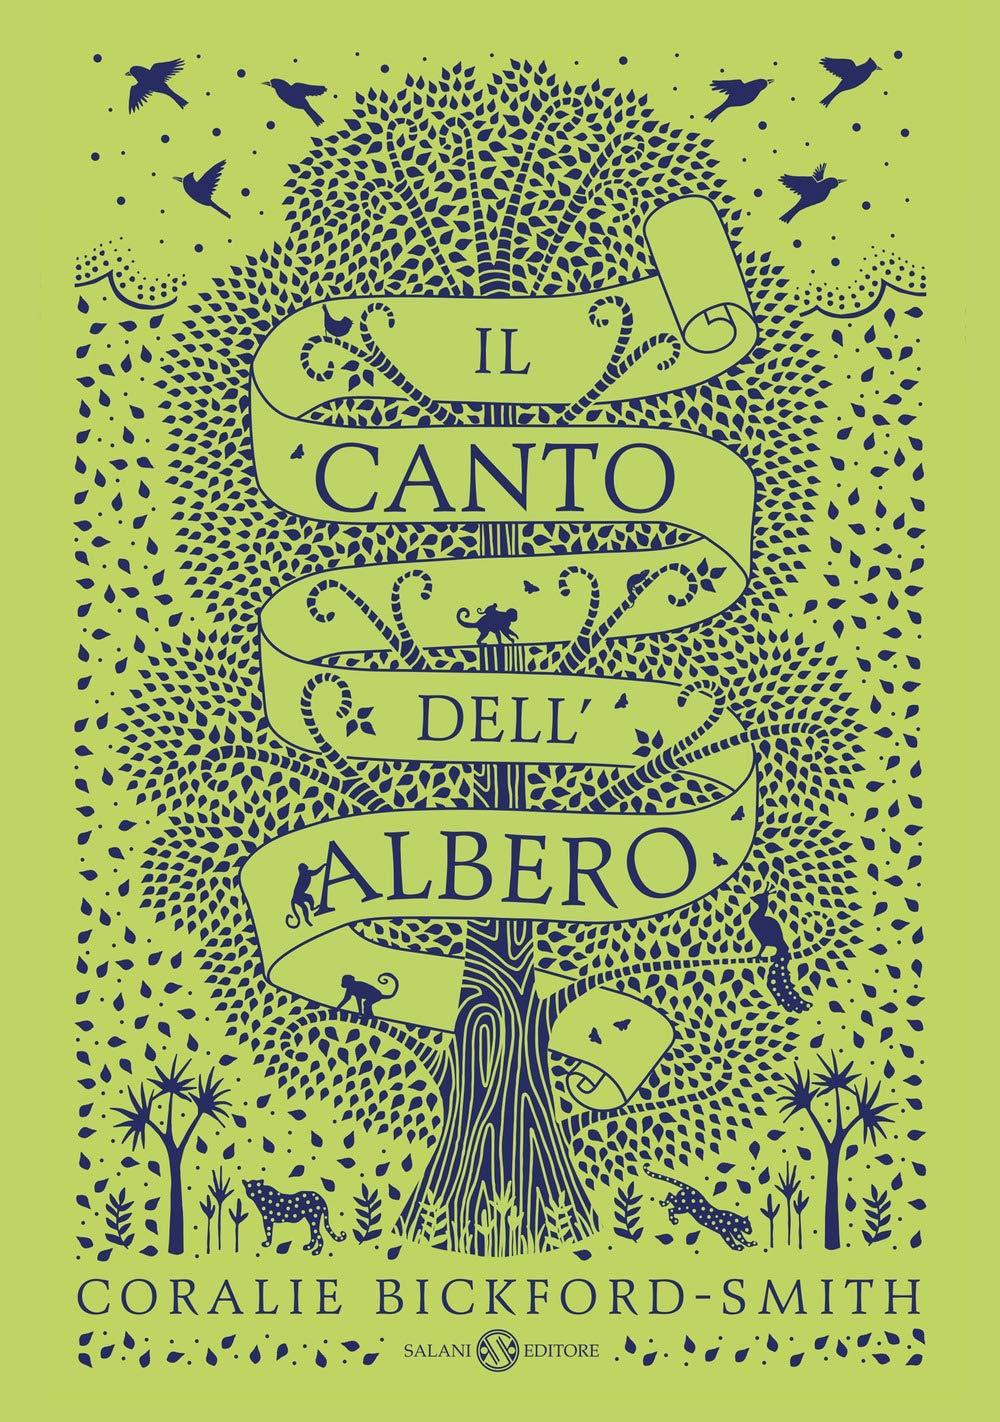 Il canto dell'albero. Ediz. illustrata: Amazon.it: Bickford-Smith, Coralie,  Iacobaci, G.: Libri